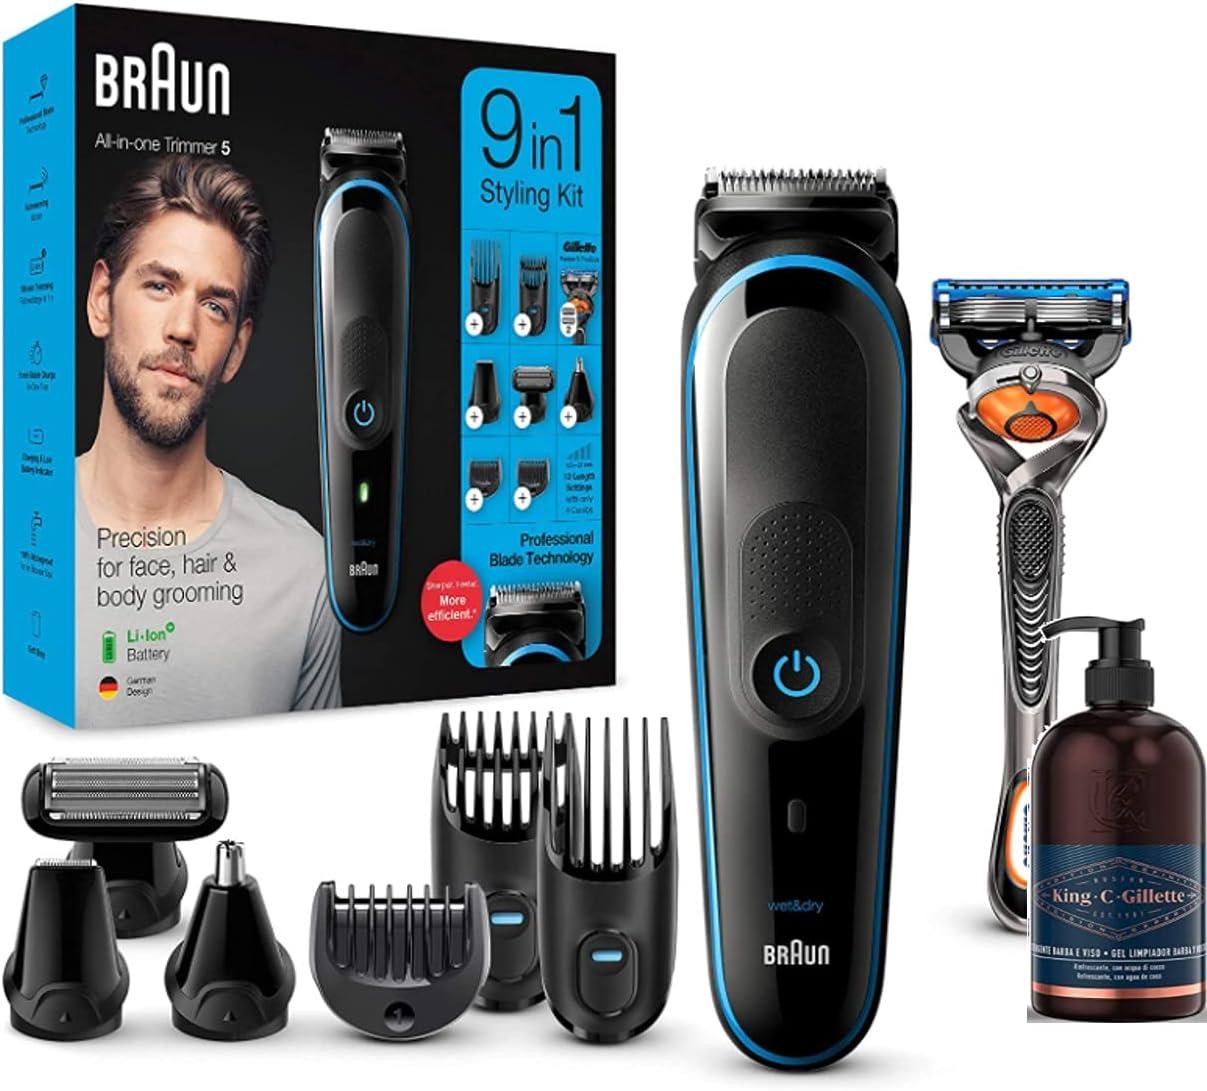 Braun MGK5280 9 en 1 - Máquina cortar pelo recortadora de barba, set de depilación corporal y cortapelos para hombre